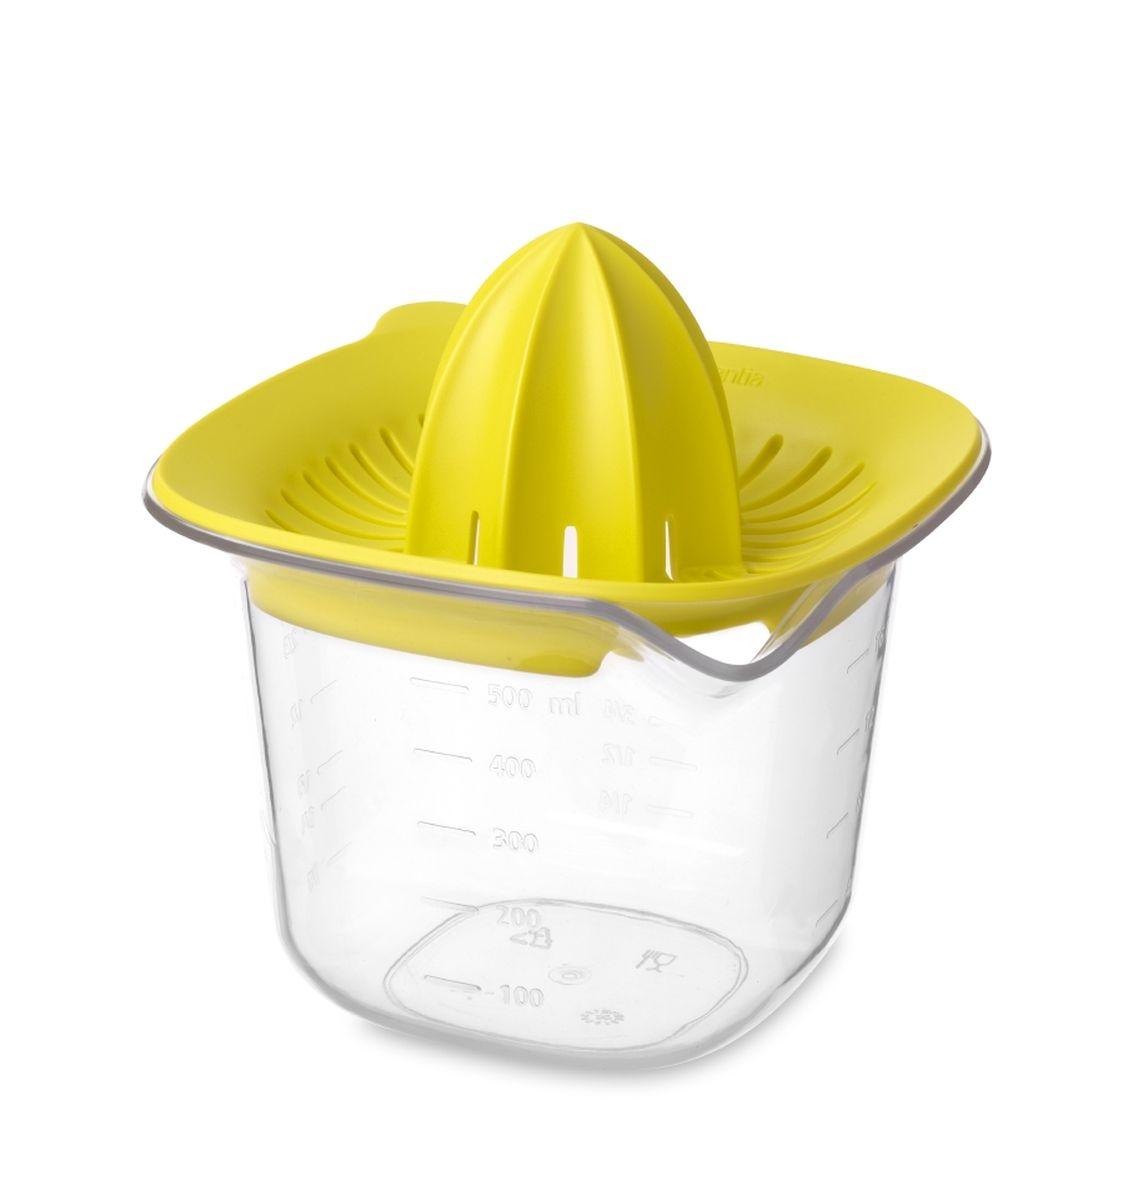 Соковыжималка Brabantia Tasty Colours, цвет: желтый, 500 мл110085Ручная соковыжималка Brabantia Tasty Colours представляет собой прозрачную емкость для сока и насадку для отжима. Изделие выполнено из высококачественного пластика. Подходит для приготовления сока из любых цитрусовых. Прямоугольная форма позволяет удобно держать изделие во время использования. Емкость имеет четкие мерные деления в мл, пинтах, стаканах и жидких унциях. Изделие можно мыть в посудомоечной машине.